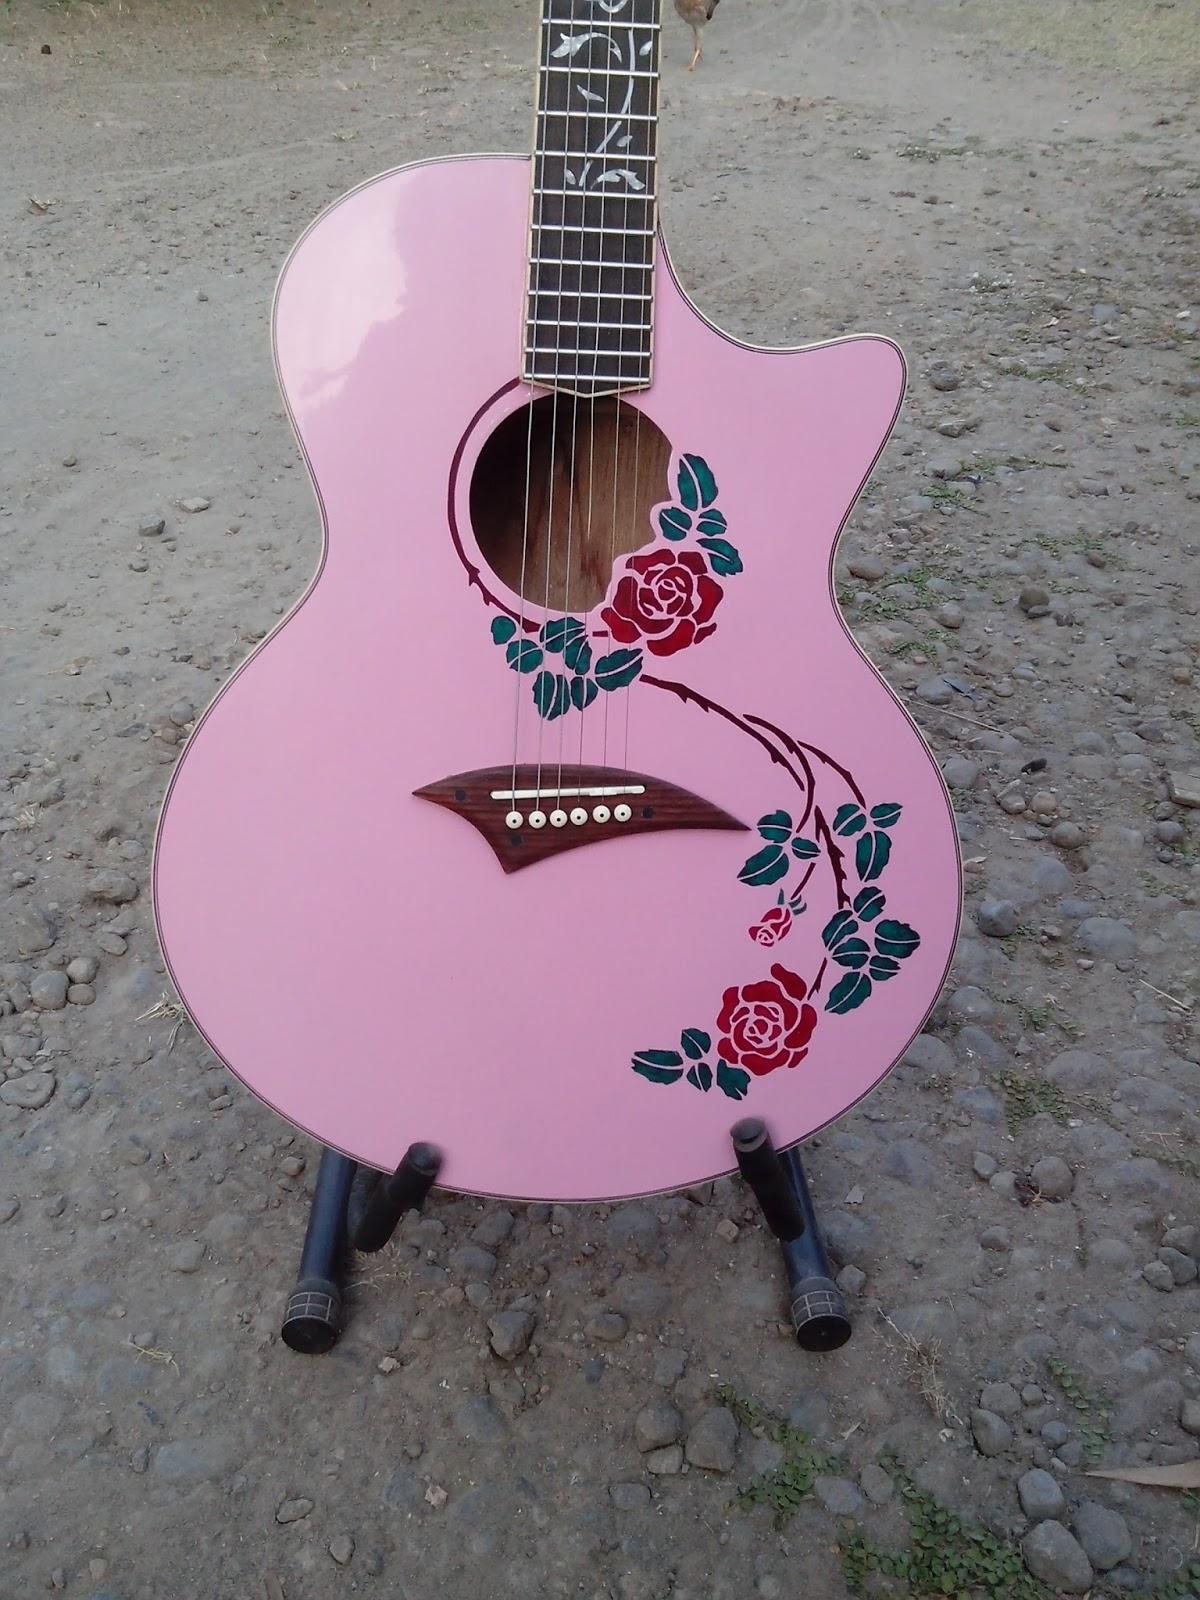 Jual Gitar Murah Berkualitas Harga Grosir Senar Warna Cowboy Terimakasihh